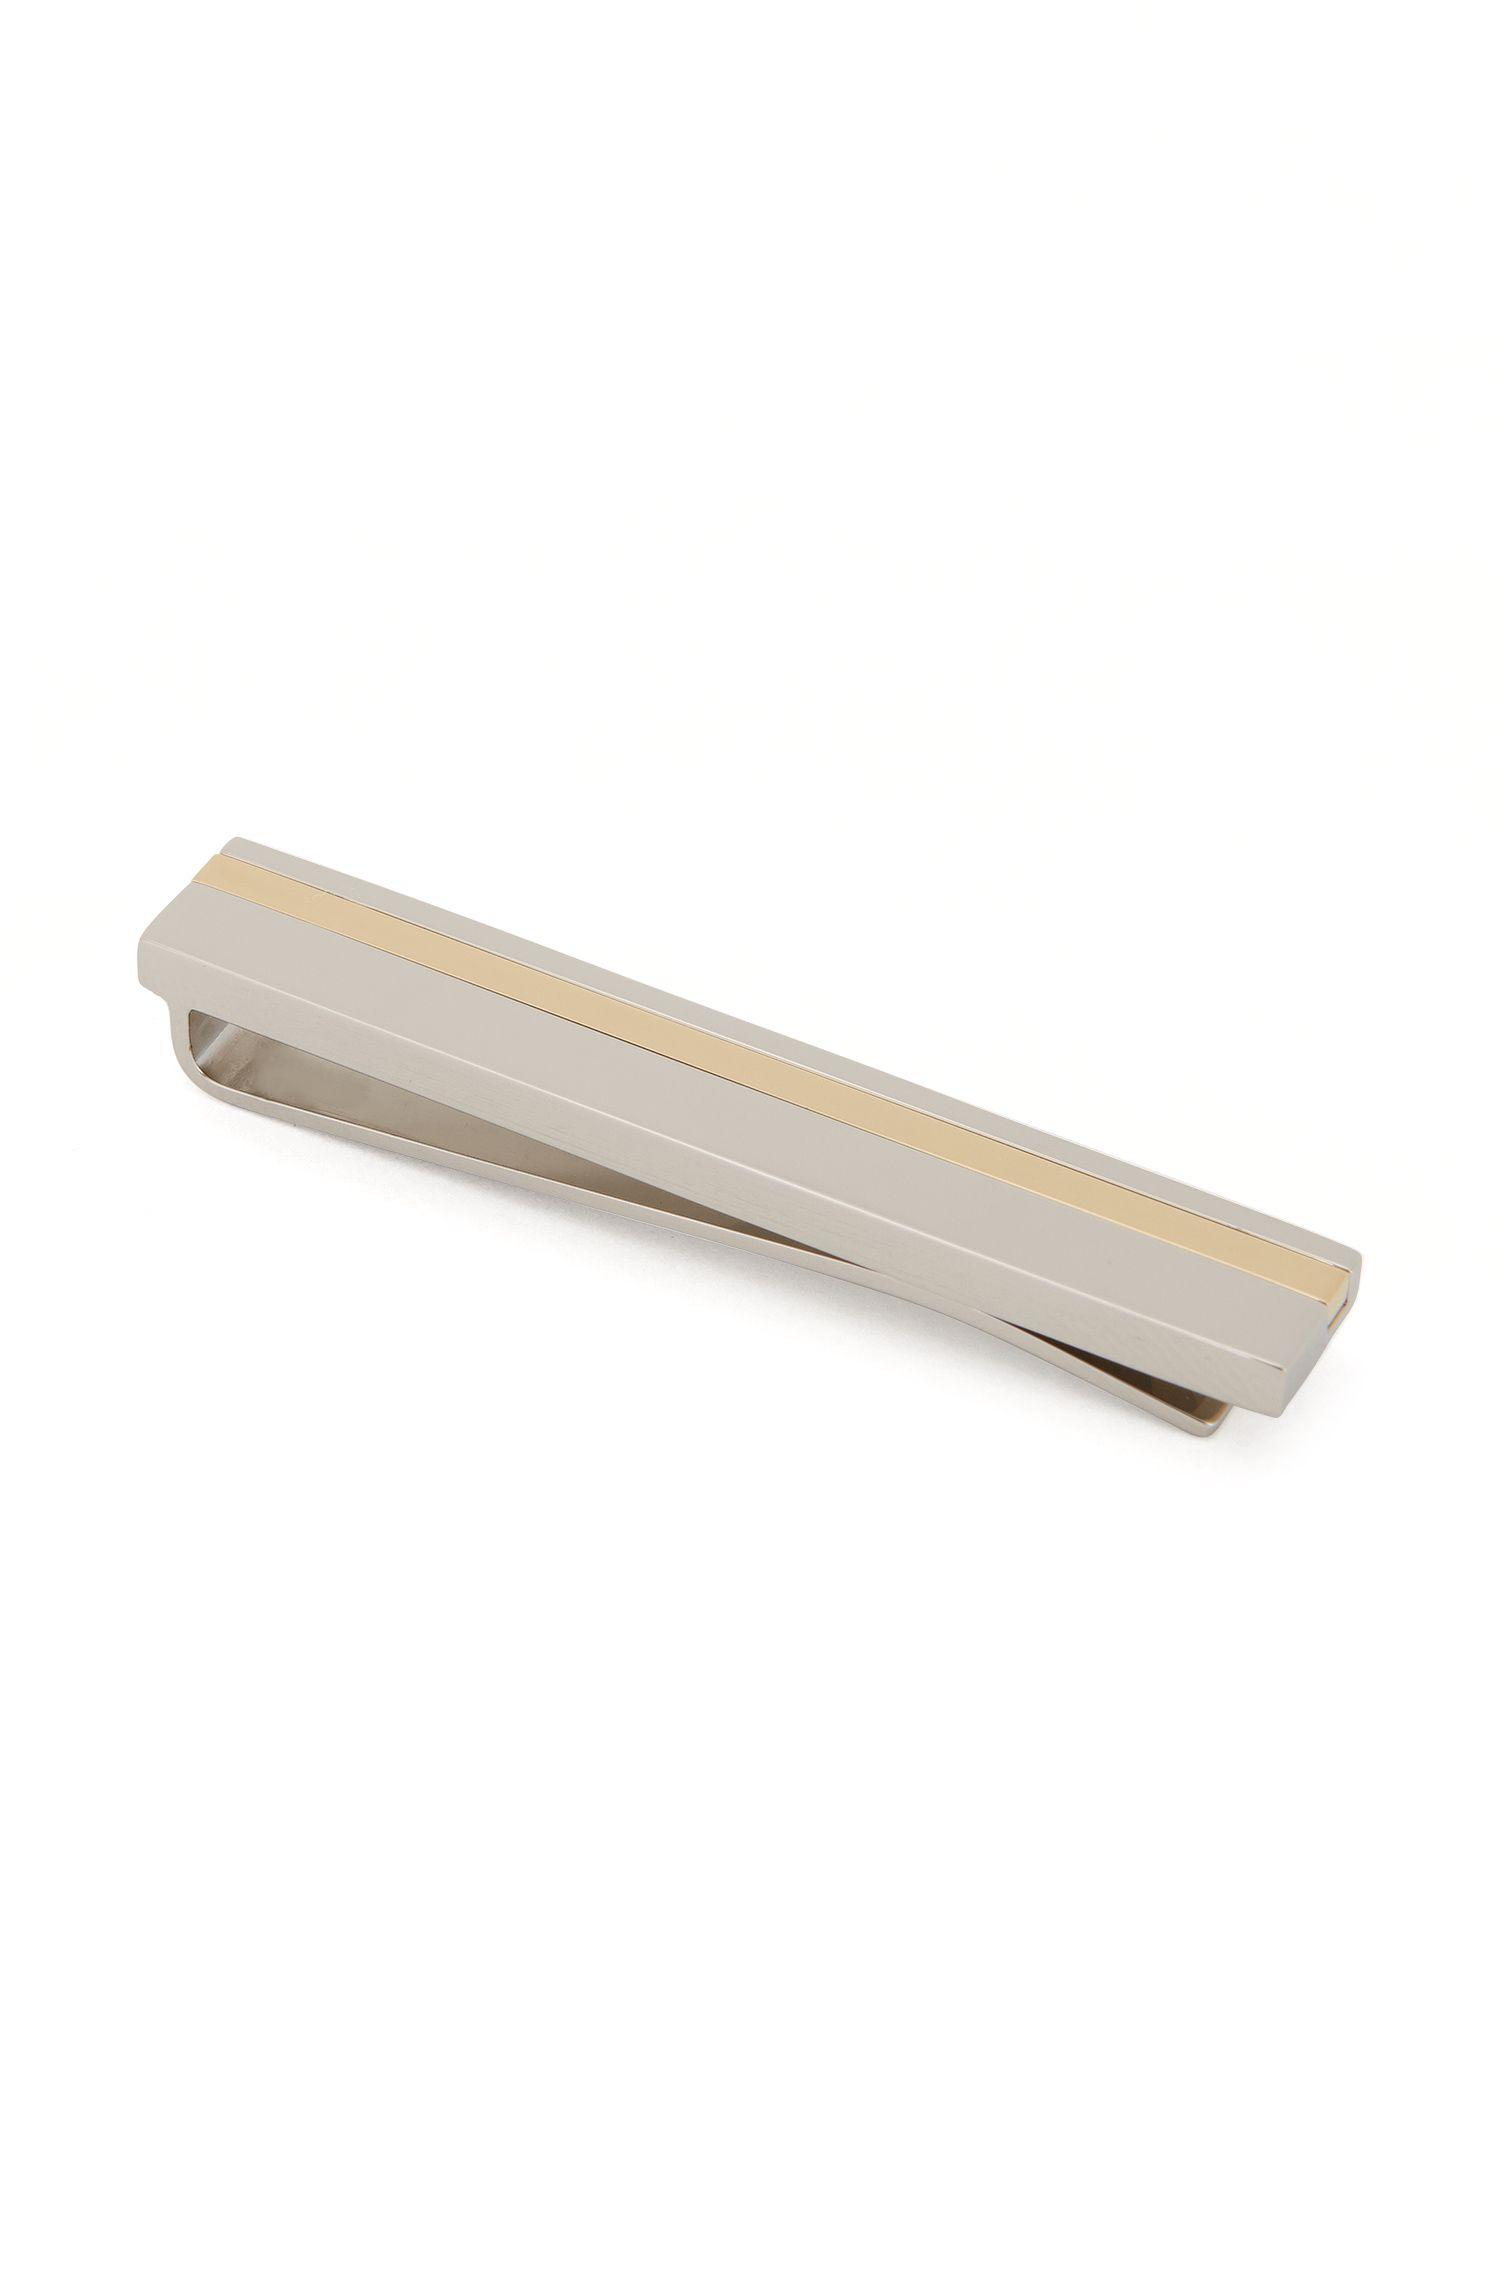 Striped Brass Tie Bar | Tick